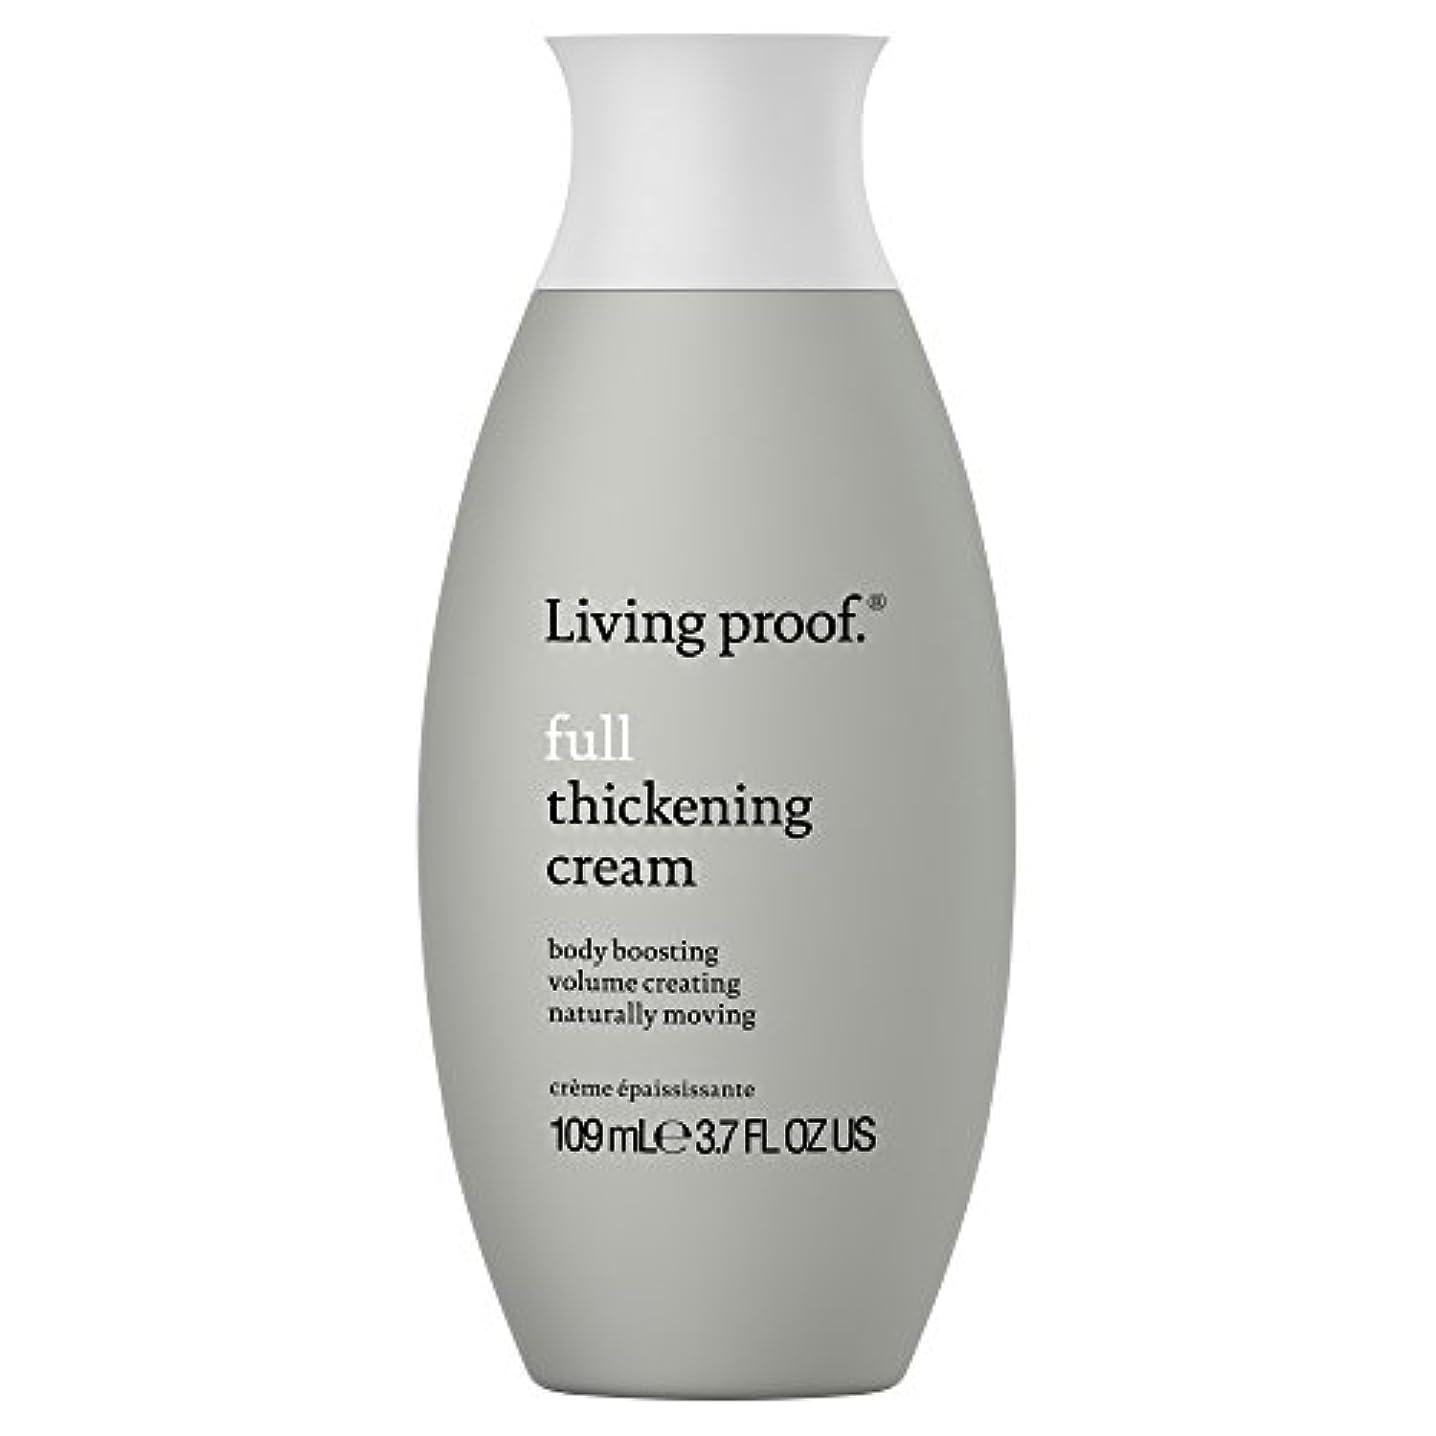 煙突コイン内なる生きている証拠フル肥厚クリーム109ミリリットル (Living Proof) - Living Proof Full Thickening Cream 109ml [並行輸入品]